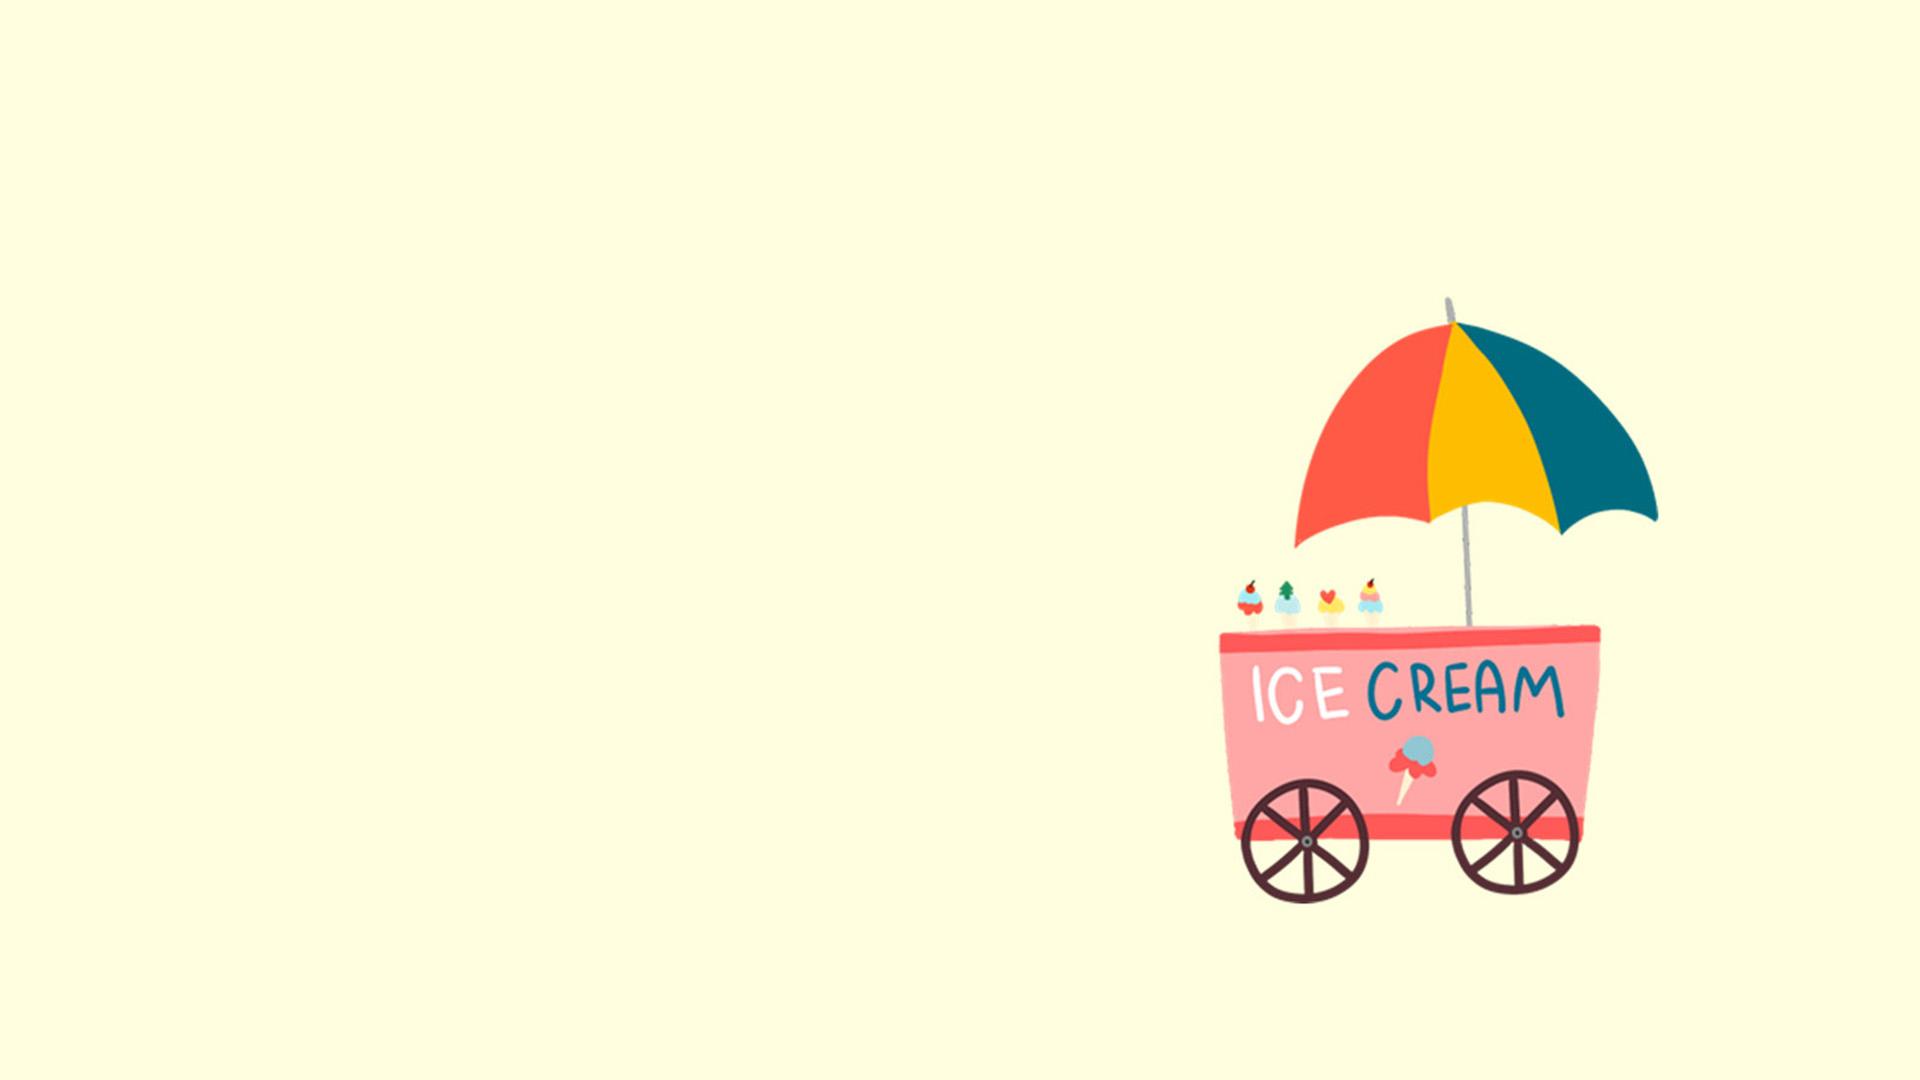 文艺小清新卡通纯色背景冰淇淋PPT背景图片免费下载是由PPT宝藏(www.pptbz.com)会员zengmin上传推荐的简约PPT背景图片, 更新时间为2017-01-22,素材编号120811。 冰淇淋(ice cream),是以饮用水、牛奶、奶粉、奶油(或植物油脂)、食糖等为主要原料,加入适量食品添加剂,经混合、灭菌、均质、老化、凝冻、硬化等工艺而制成的体积膨胀的冷冻食品,口感细腻、柔滑、清凉。 冰淇淋是一种极具诱惑力的美味冷冻奶制品。将近800年以前,冰淇淋源于中国。 在元朝的时候,一位精明的食品